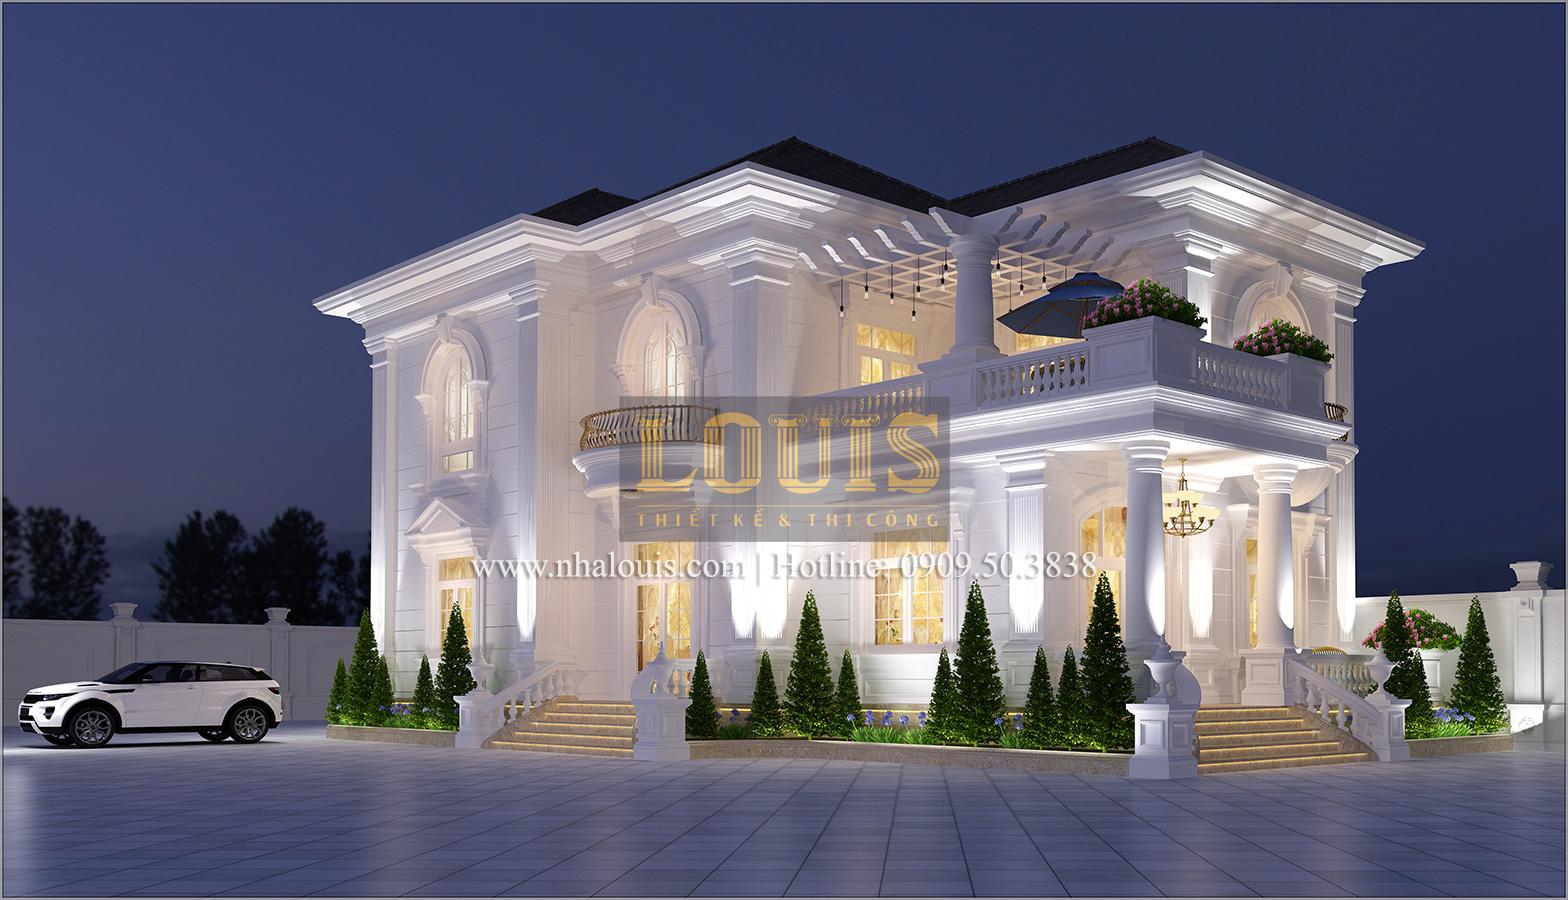 Thiết kế biệt thự cổ điển 2 tầng ở Bình Dương đẹp trang nhã và sang trọng - 02